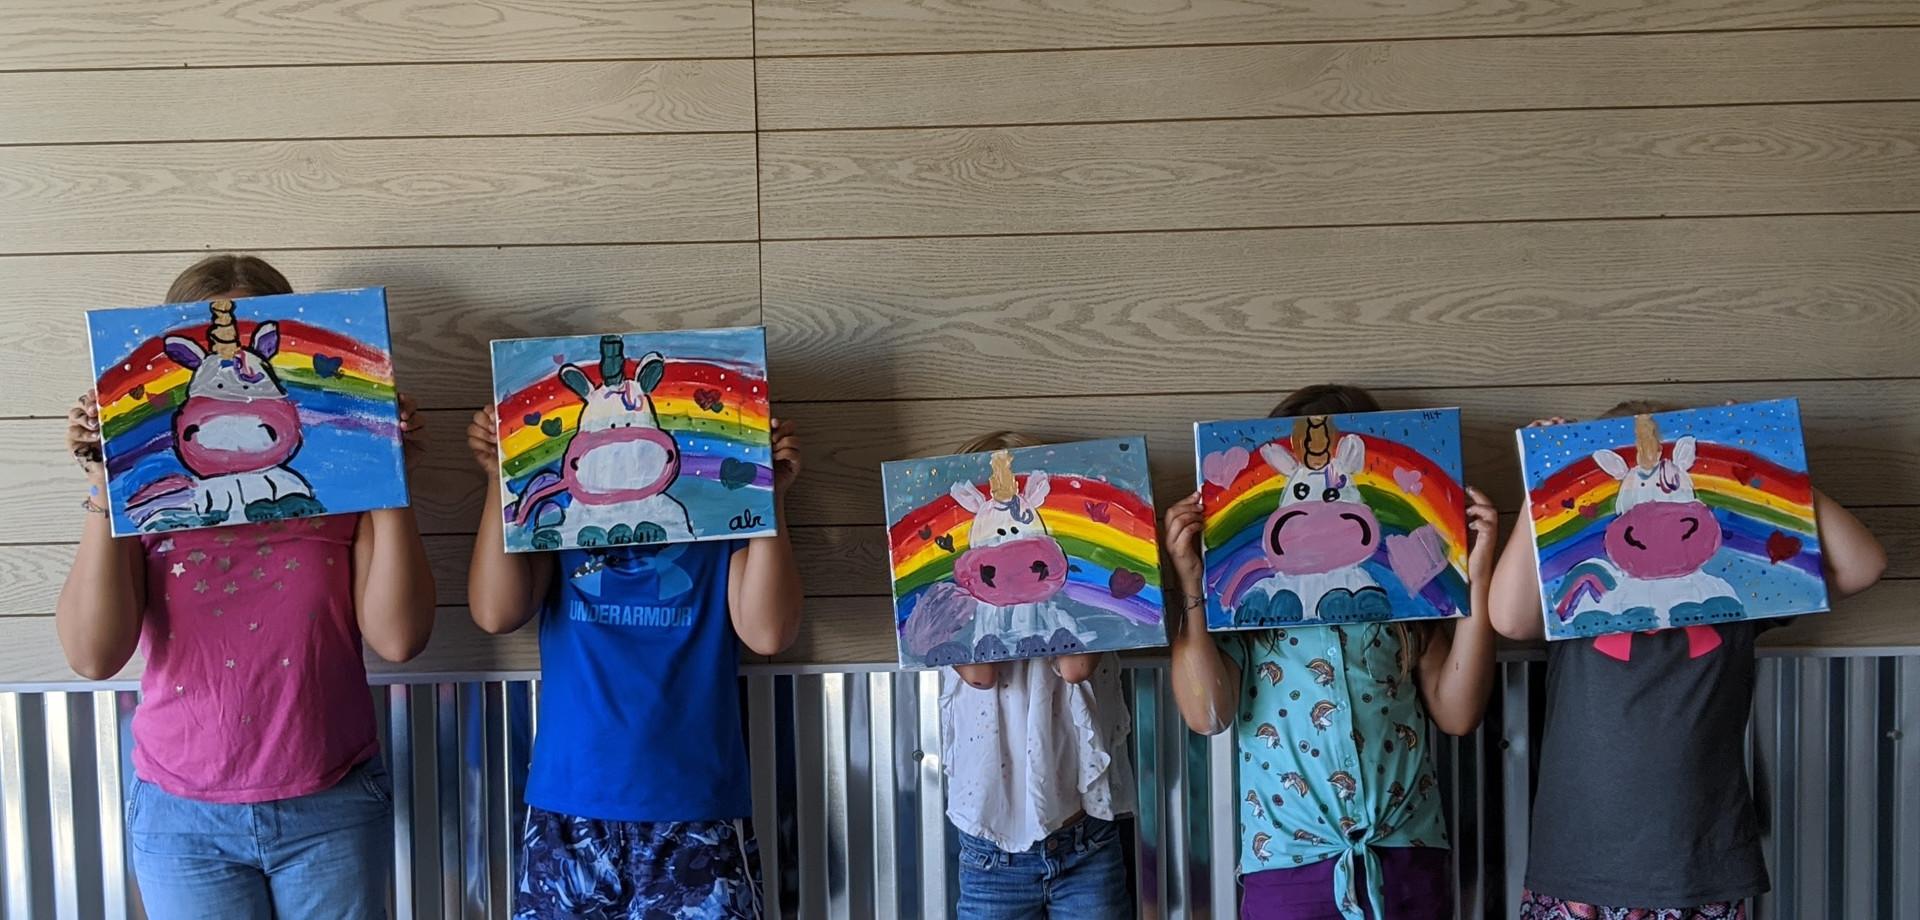 222 - Rainbow Sprinkles.jpg